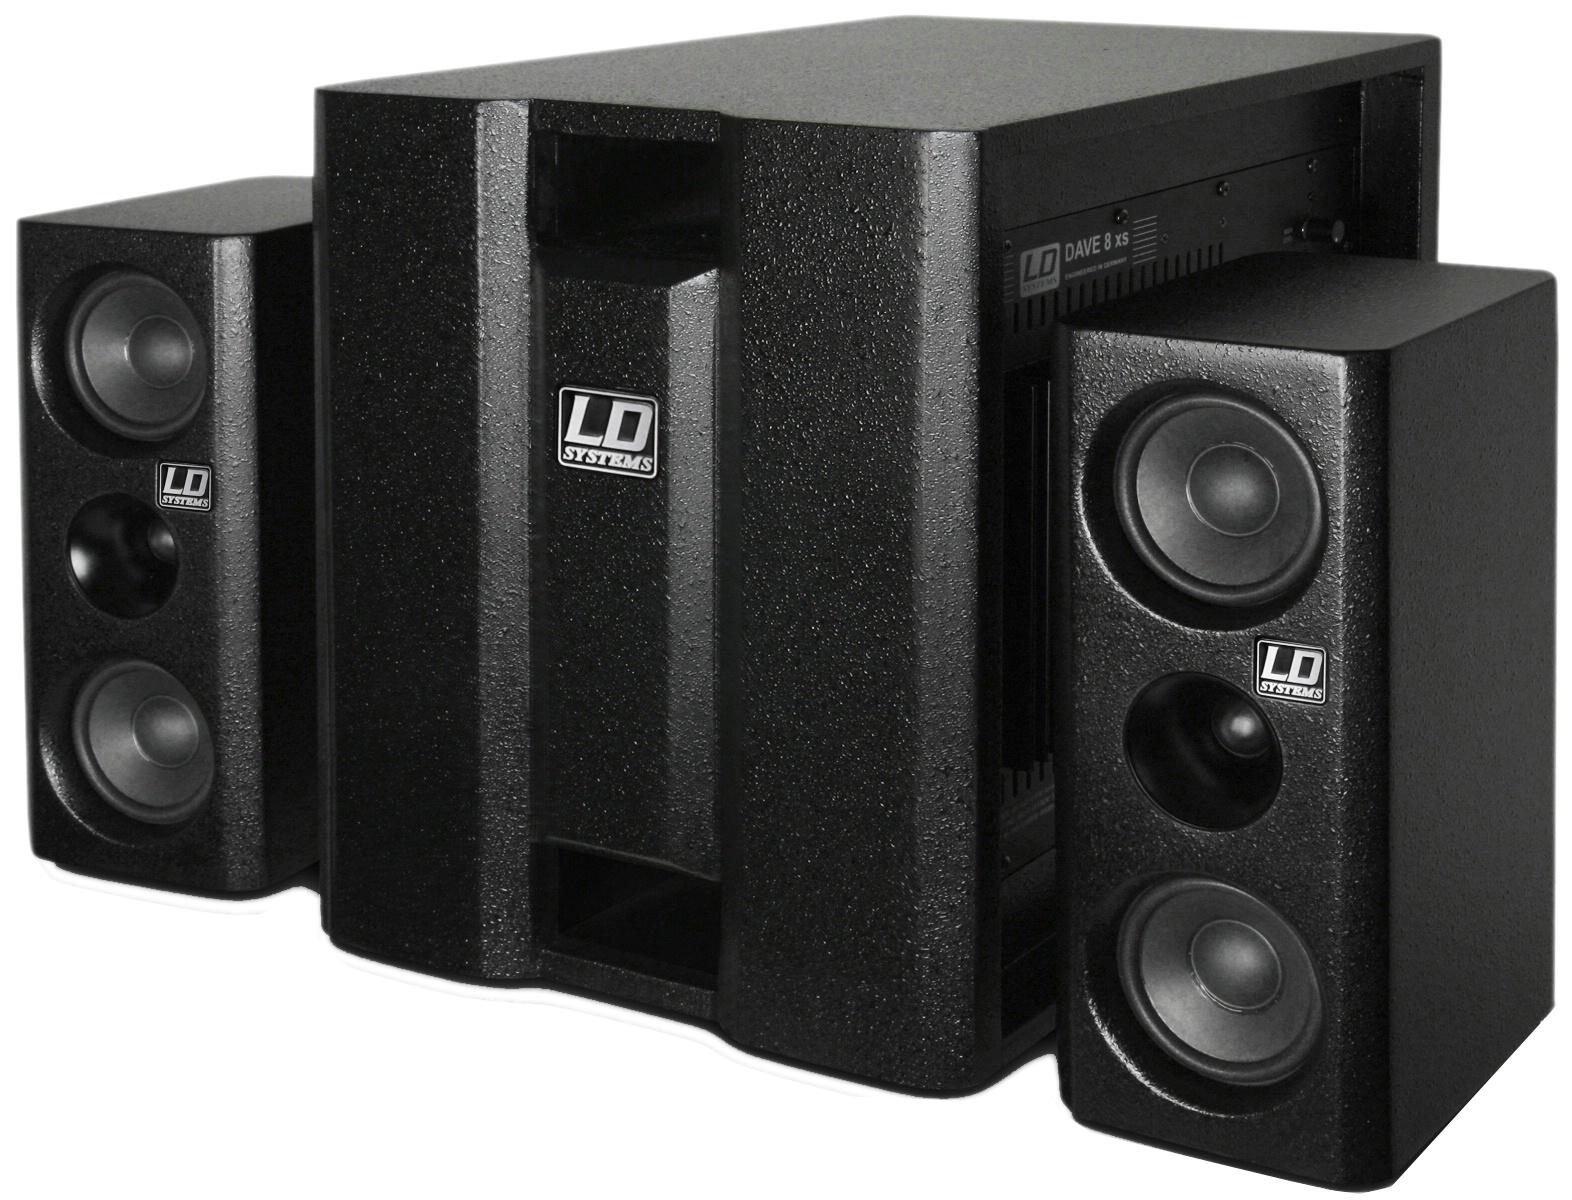 Billede af LD Systems DAVE 8 XS Aktiv Lydanlæg